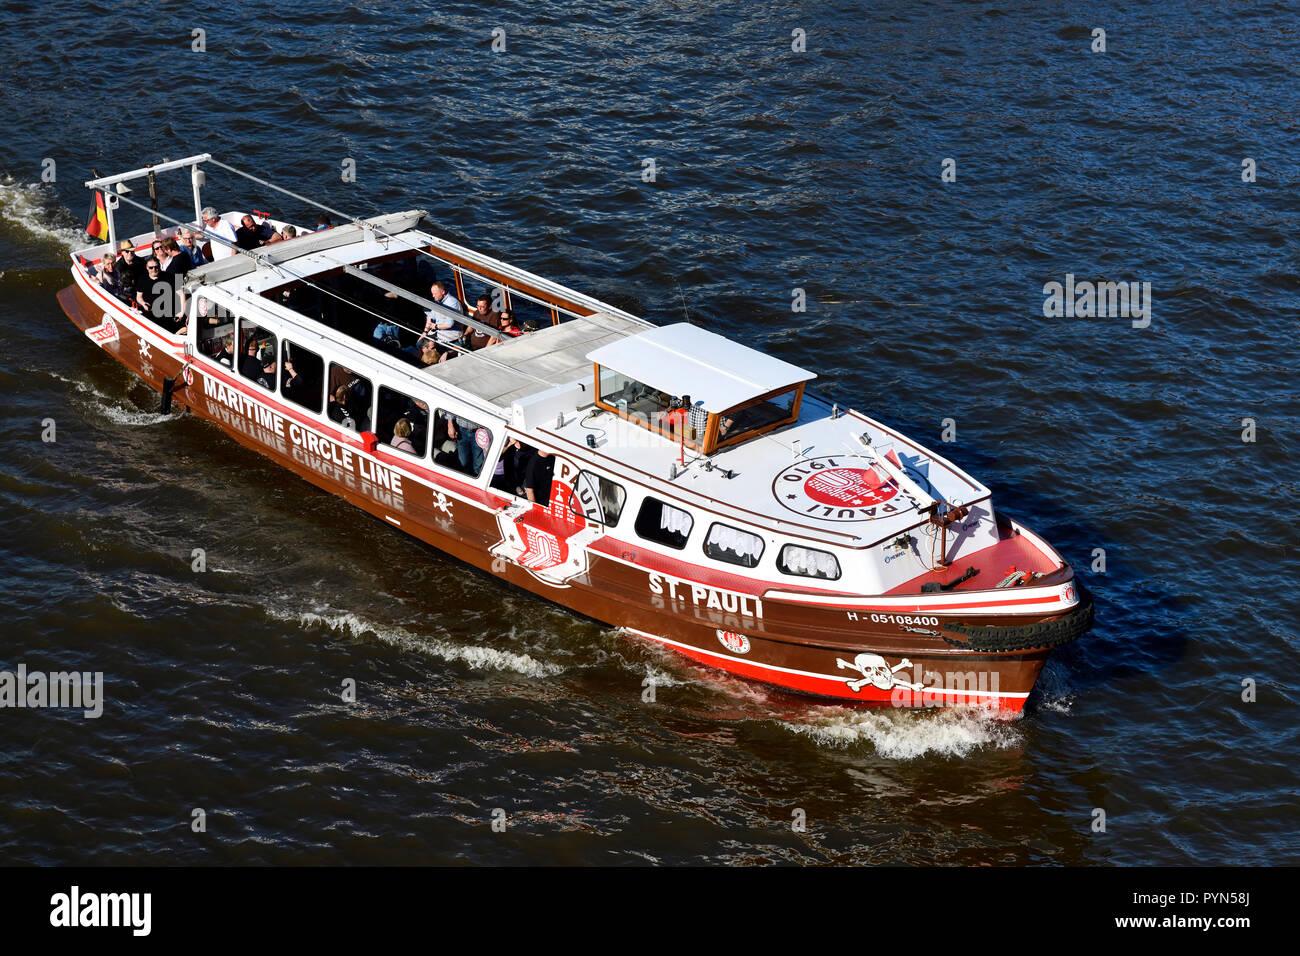 Longboat en los colores de la asociación de fútbol FC San Pauli en la Reiherstieg en Hamburgo, Alemania, Europa, Barkasse in den Farben des Fußballv Foto de stock